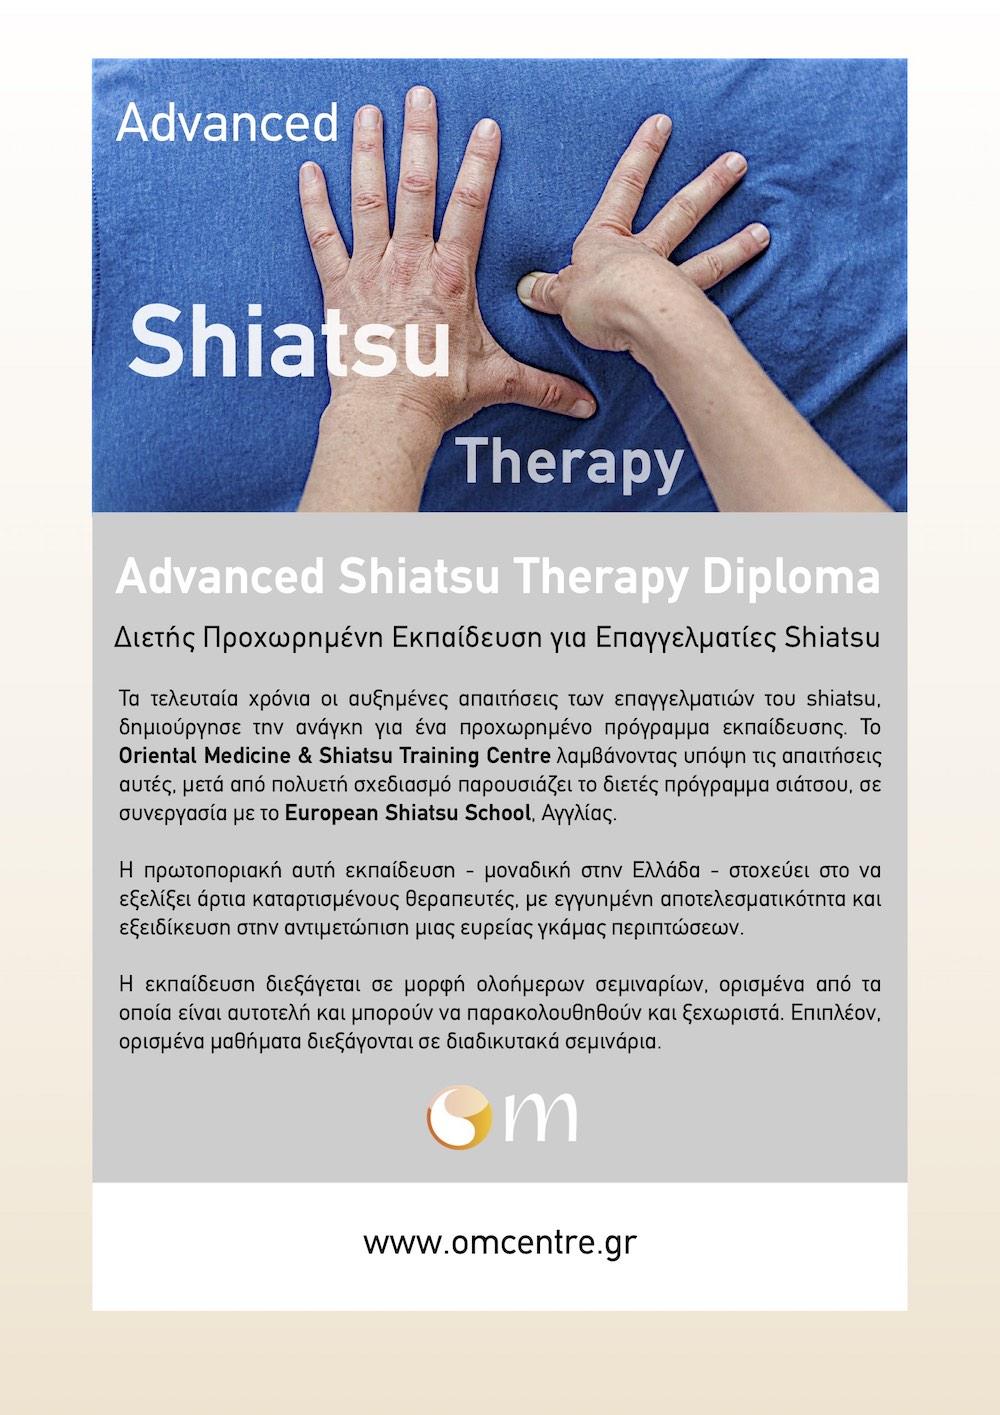 advanced-shiatsu-therapy-cover-image